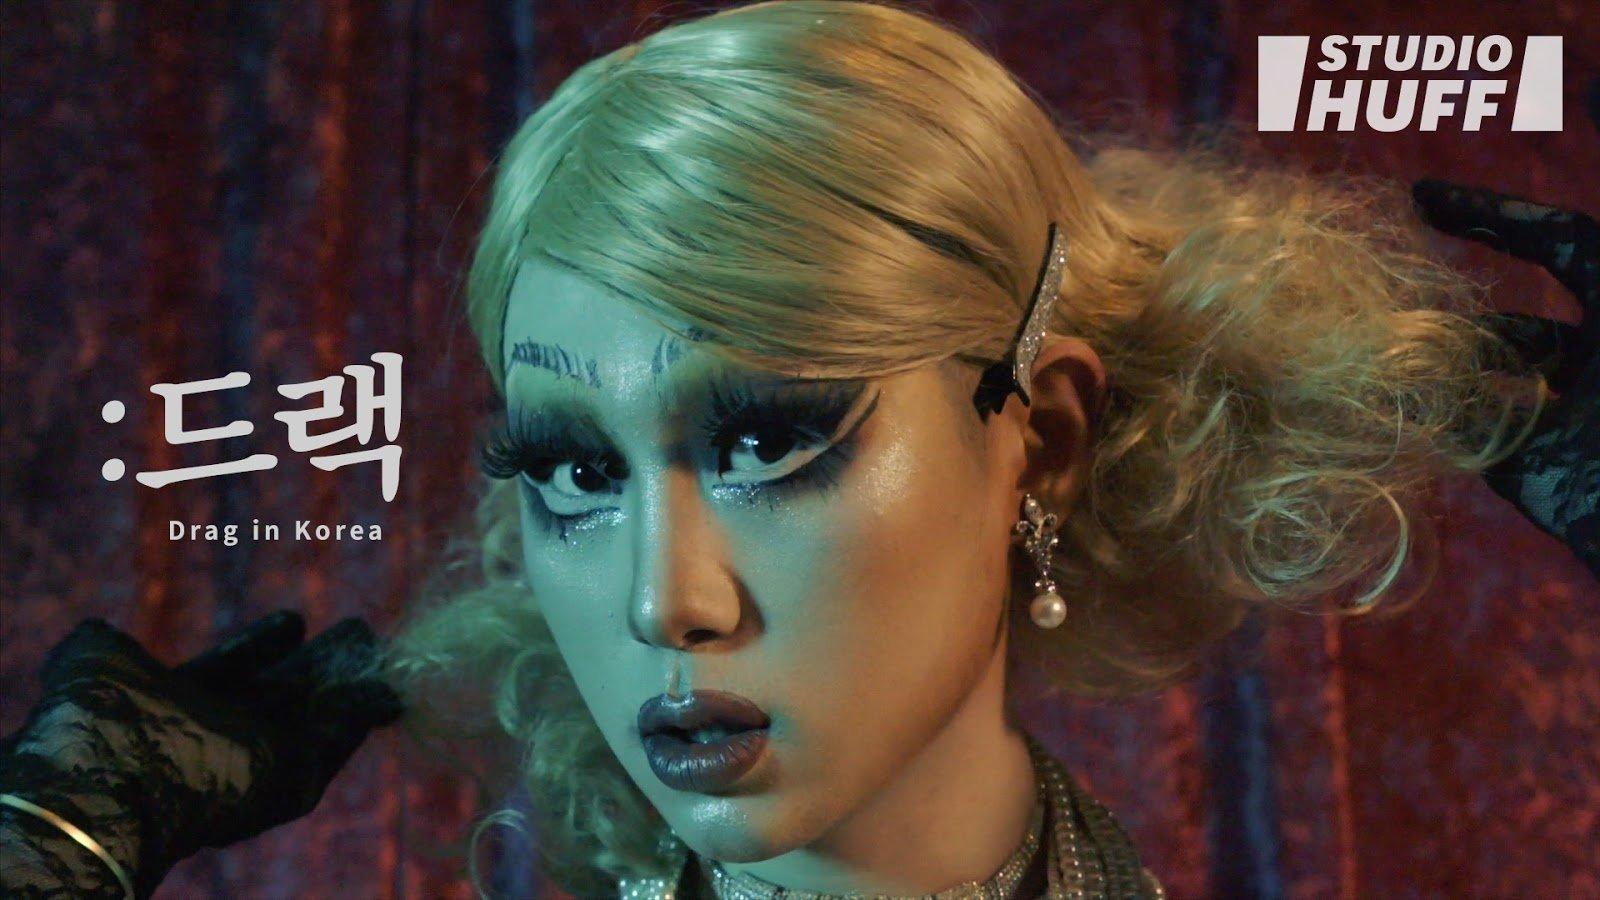 한국의 드랙퀸과 드랙킹들을